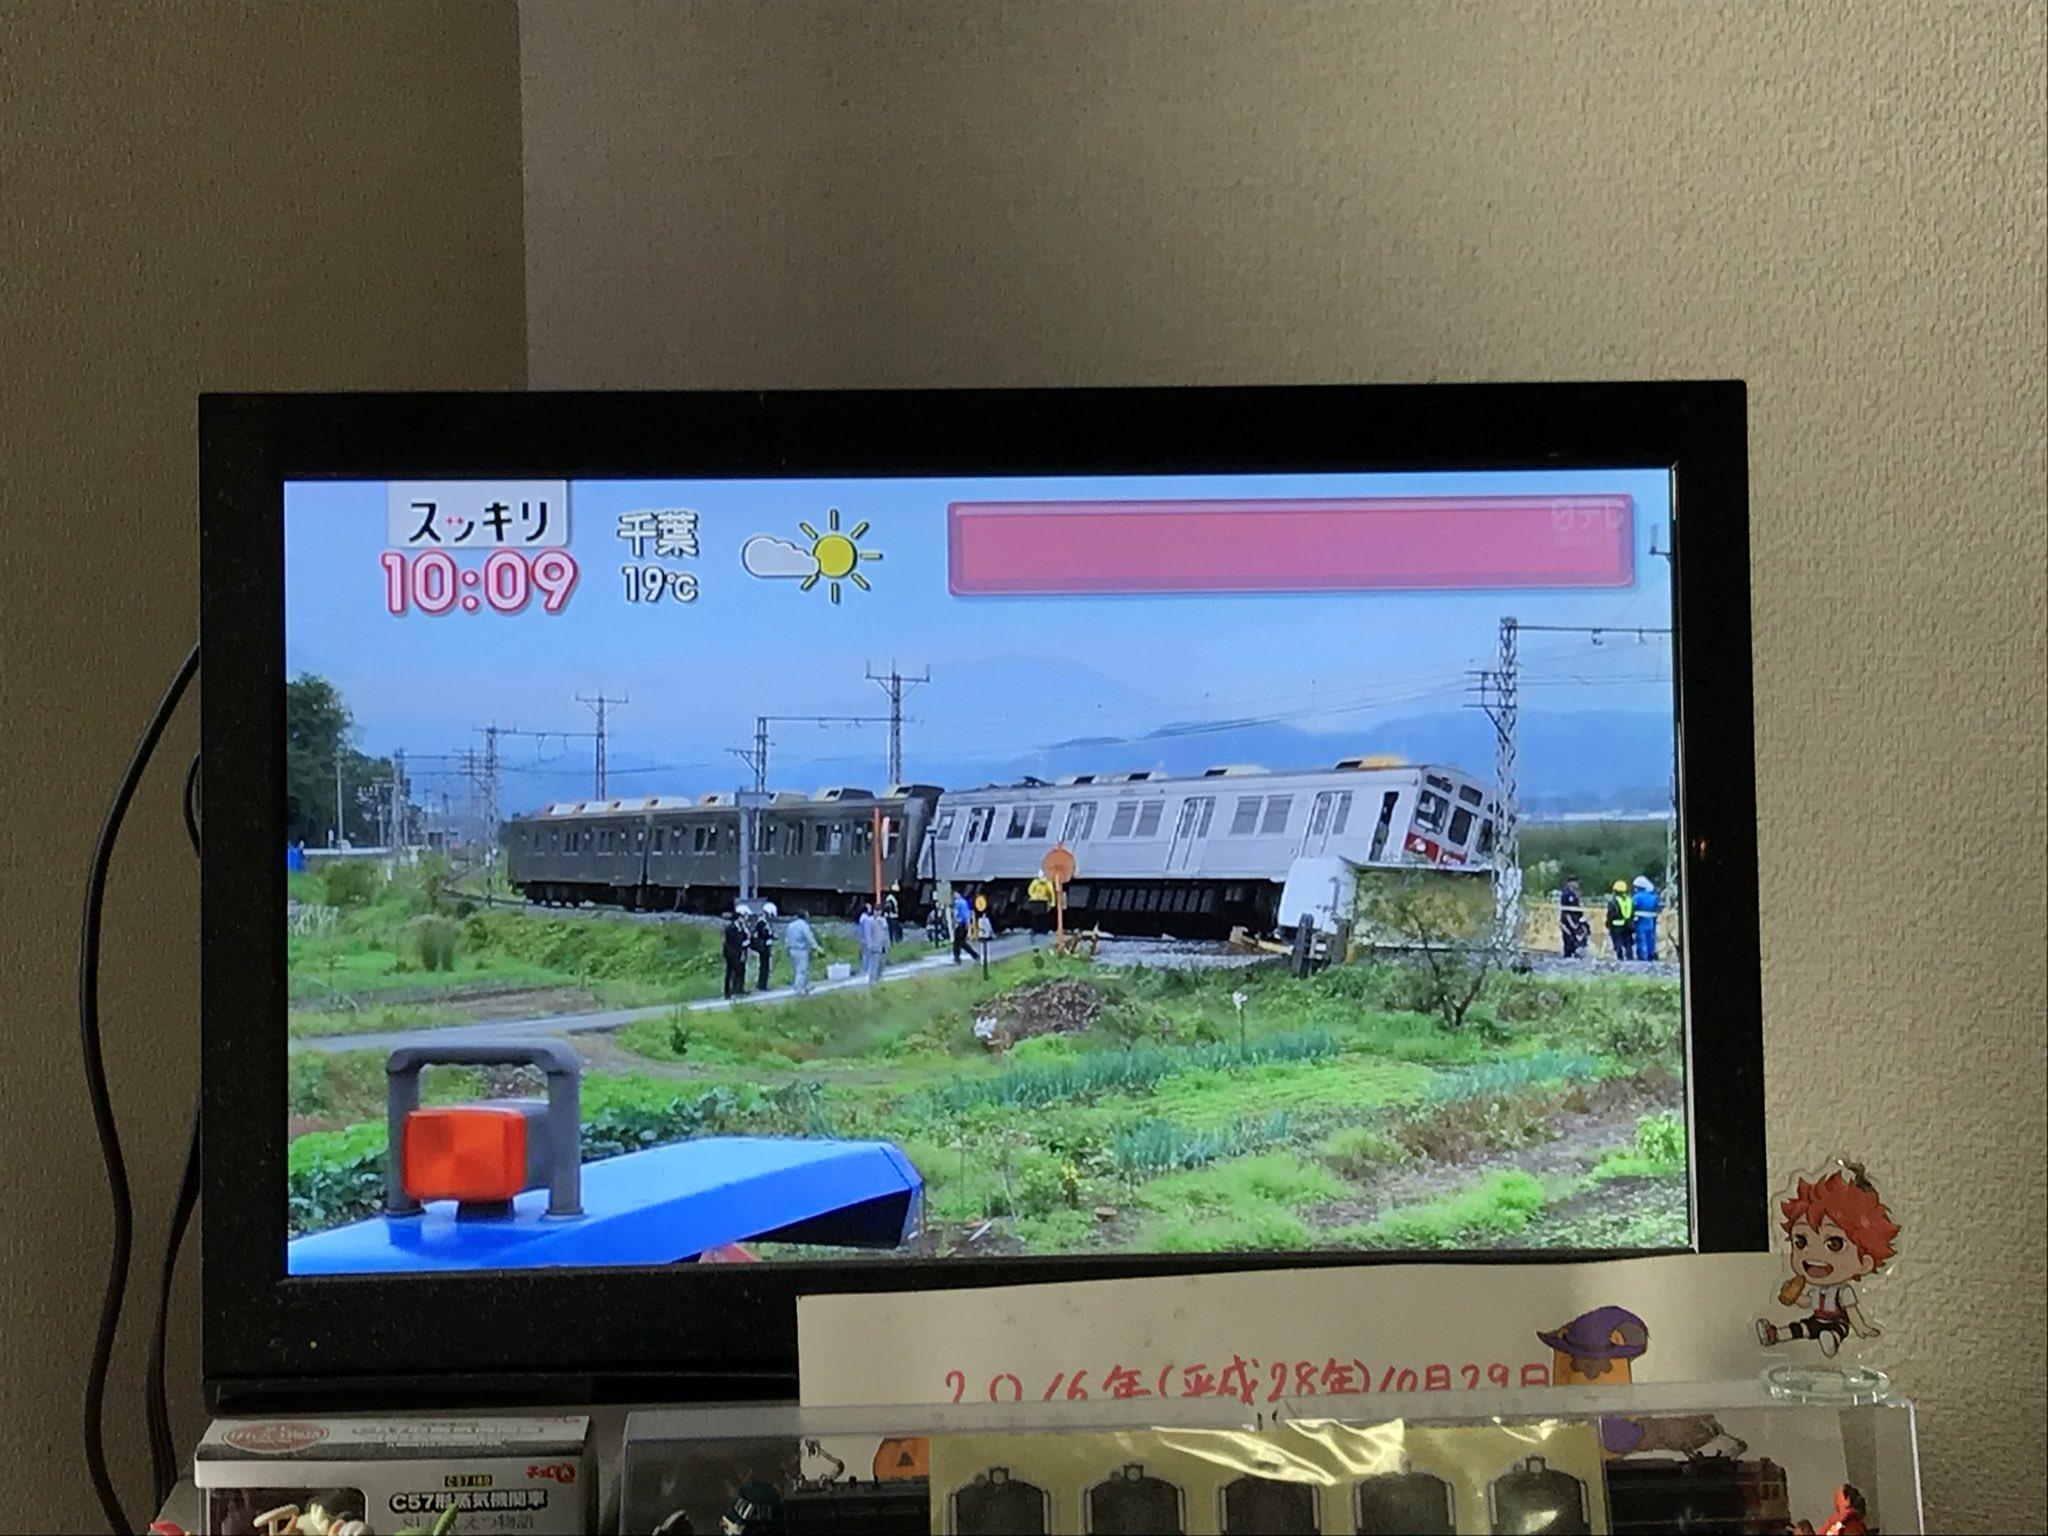 イナバ物置かな?100人乗りのトラックが電車と衝突する事故が起こるwww